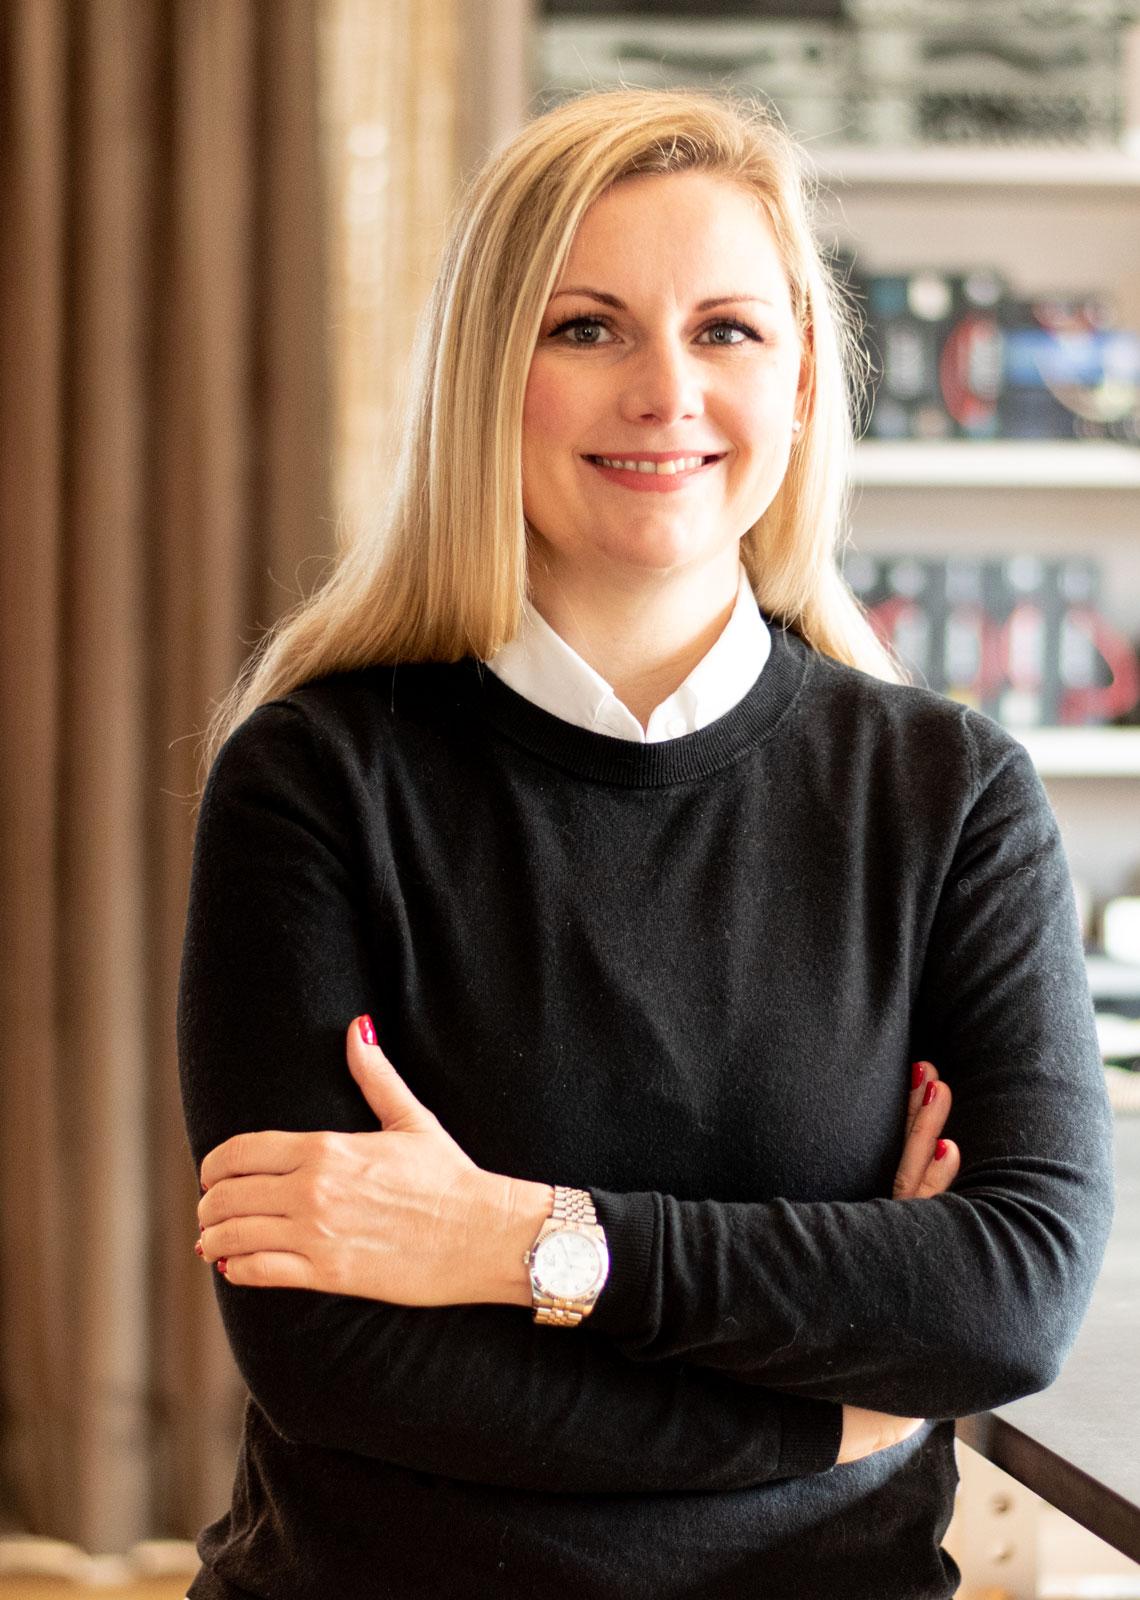 Monika Winden interior design kurse